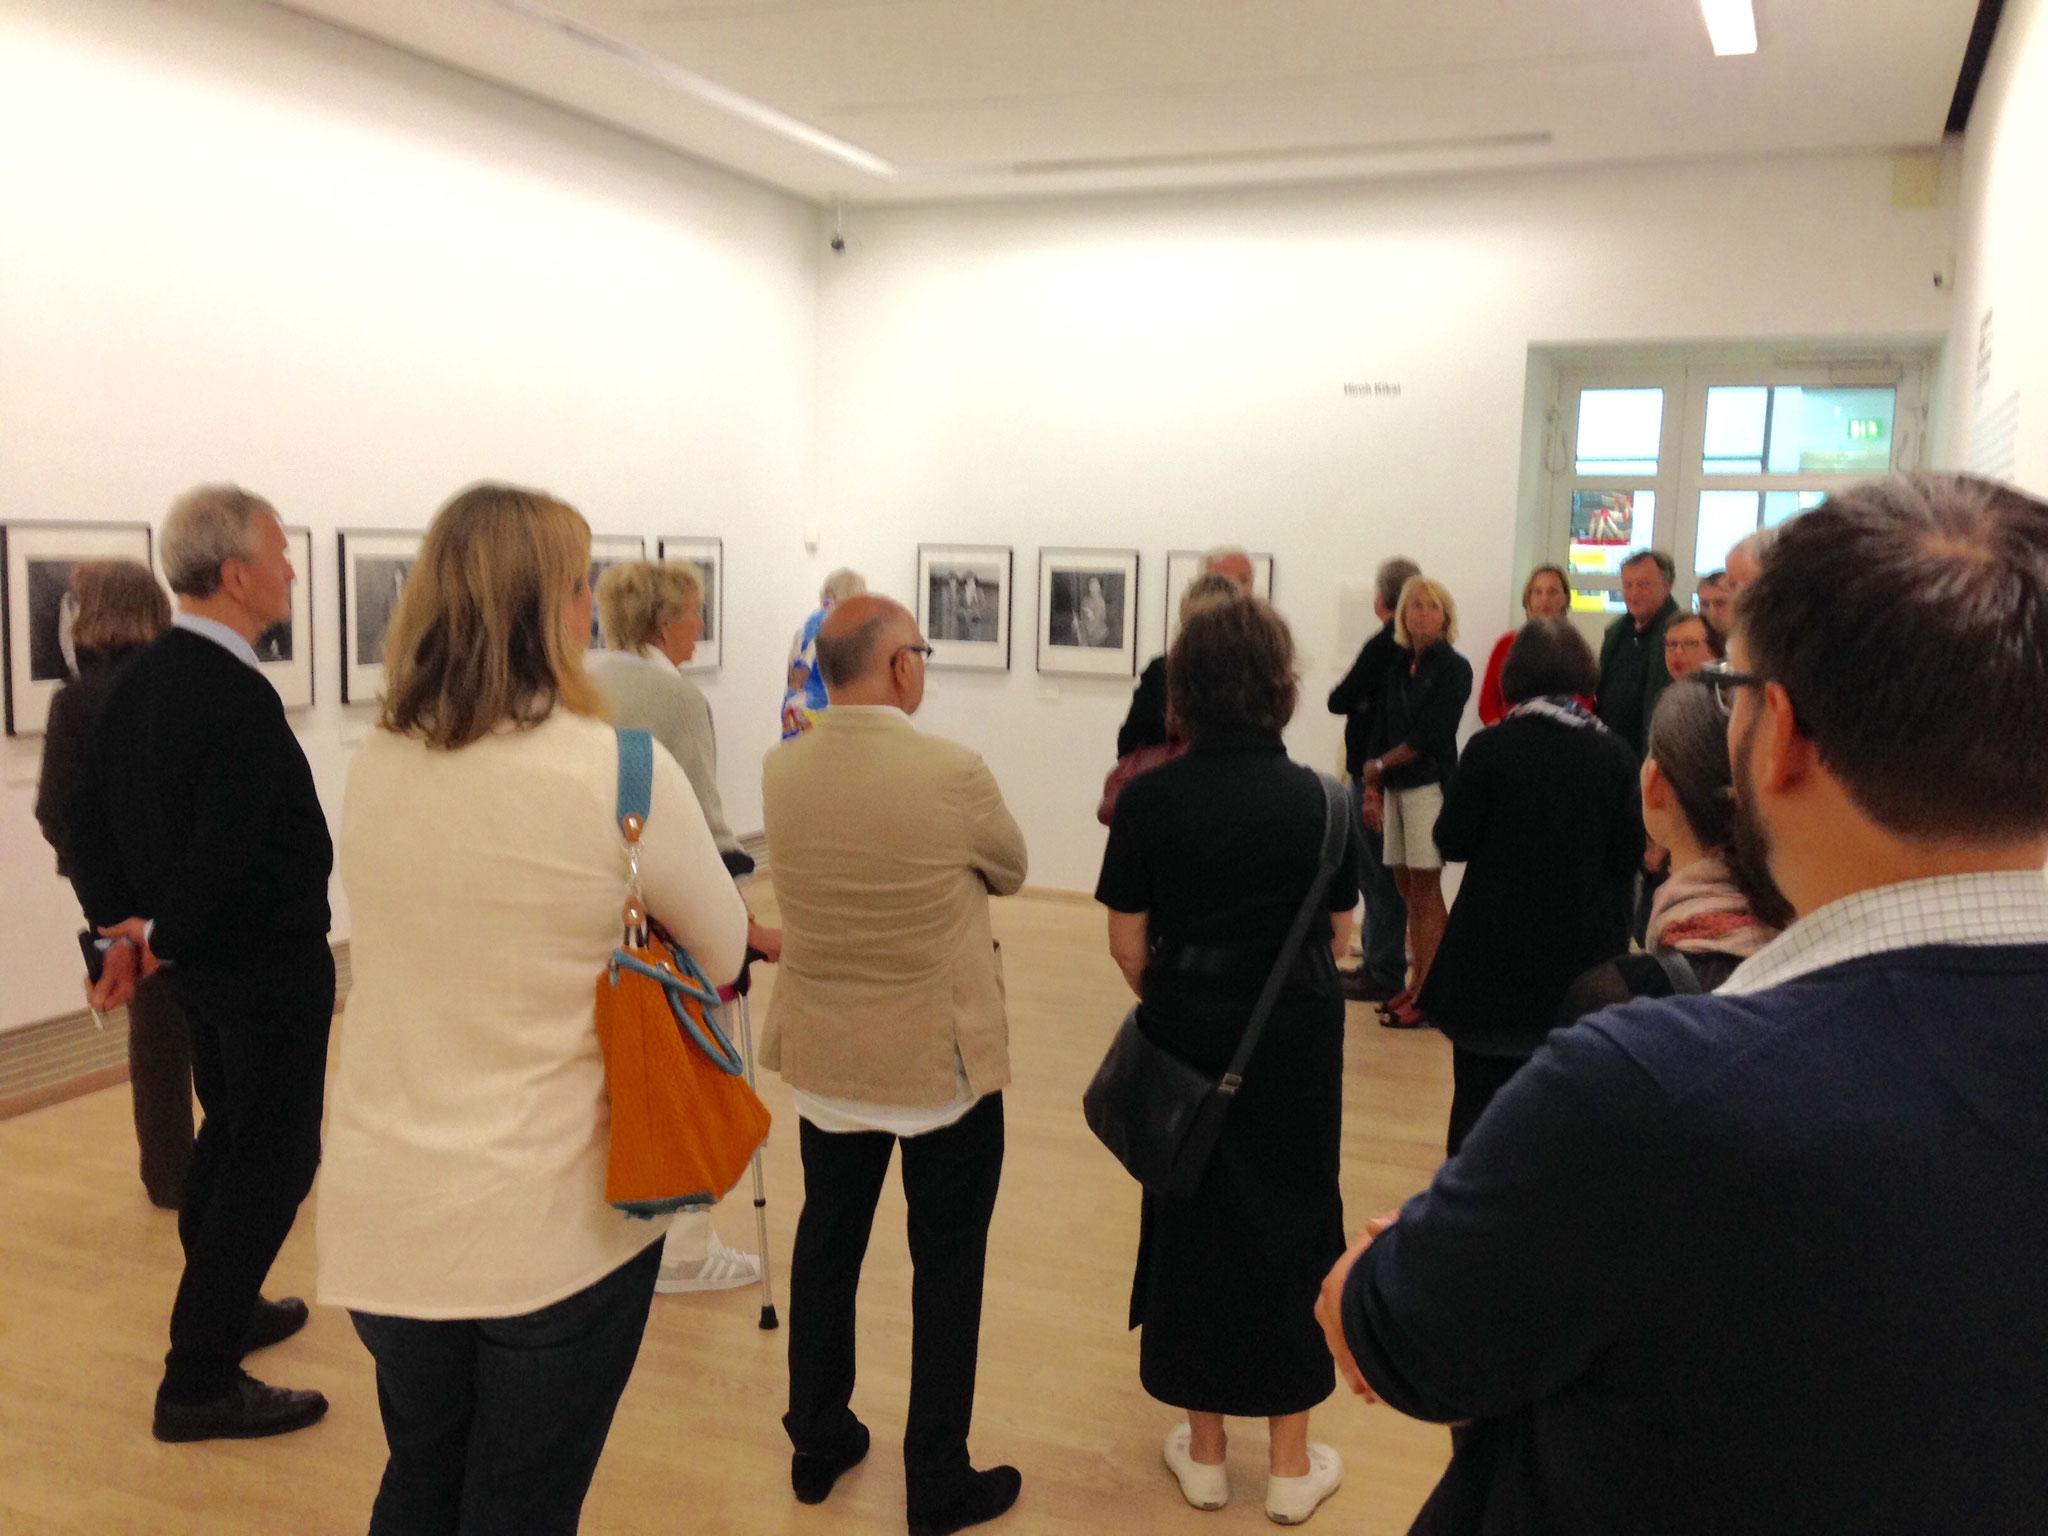 KUNST!SONNTAG Photographische Sammlung/ SK Stiftung, Köln 22.05.2016